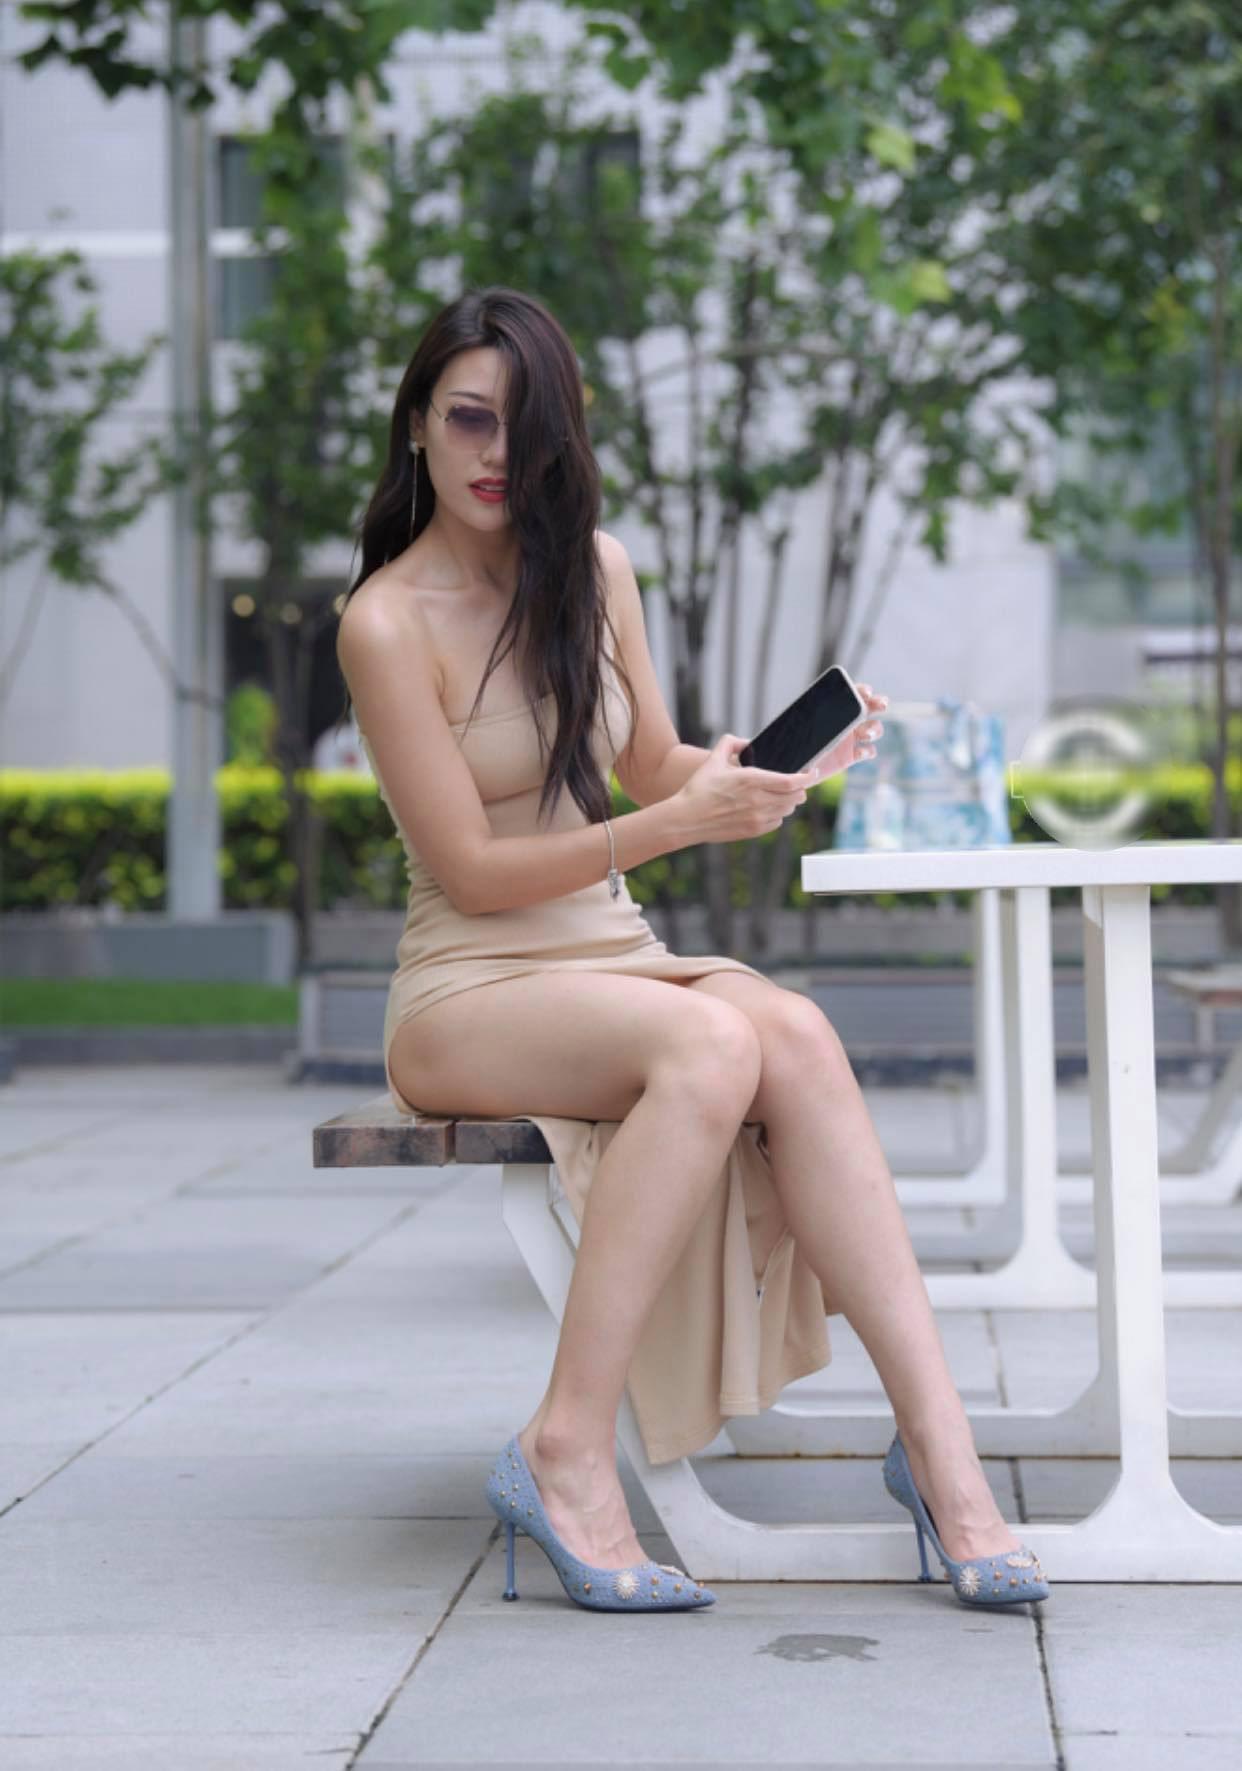 Lieu linh mac vay xe den hong untitled 7 1628494963 163 width1242height1771 Liều lĩnh mặc váy xẻ cao đến hông, người đẹp suýt gặp sự cố giữa phố